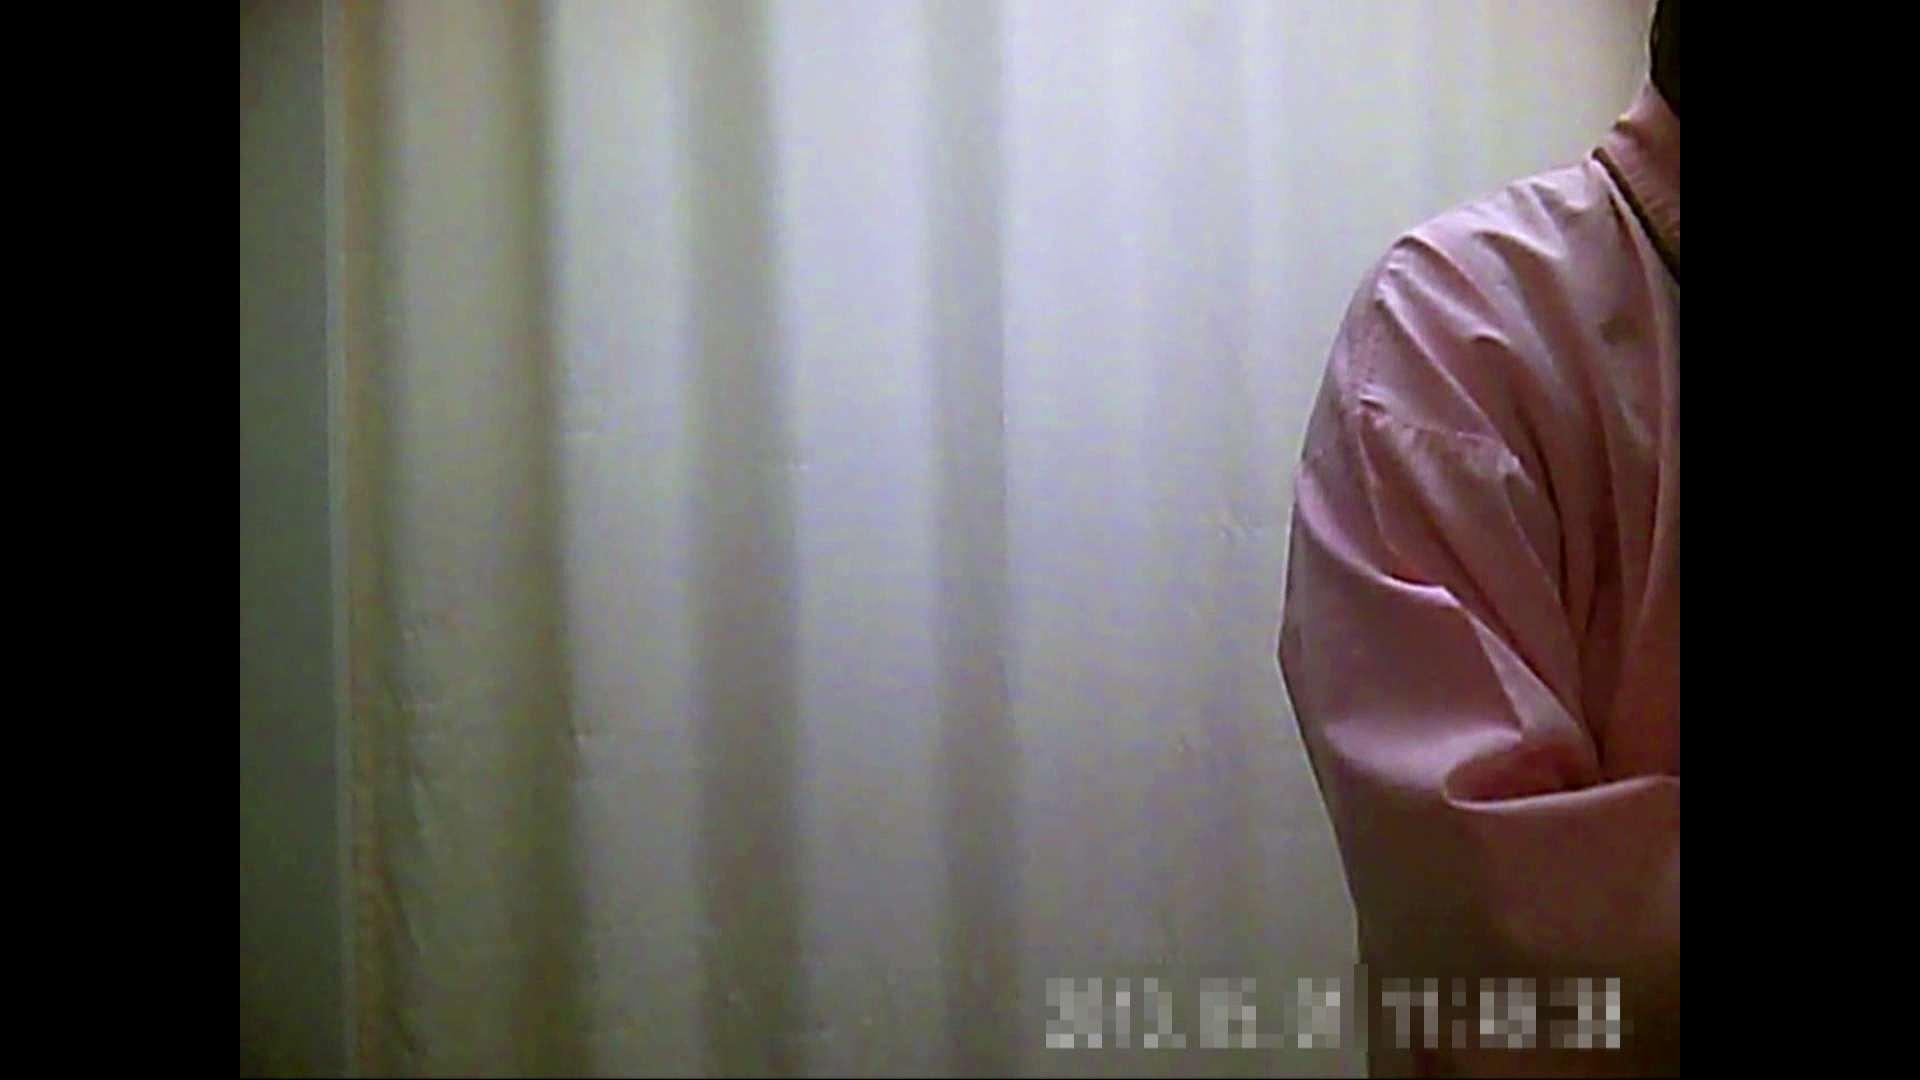 元医者による反抗 更衣室地獄絵巻 vol.089 盛合せ | 0  113画像 5